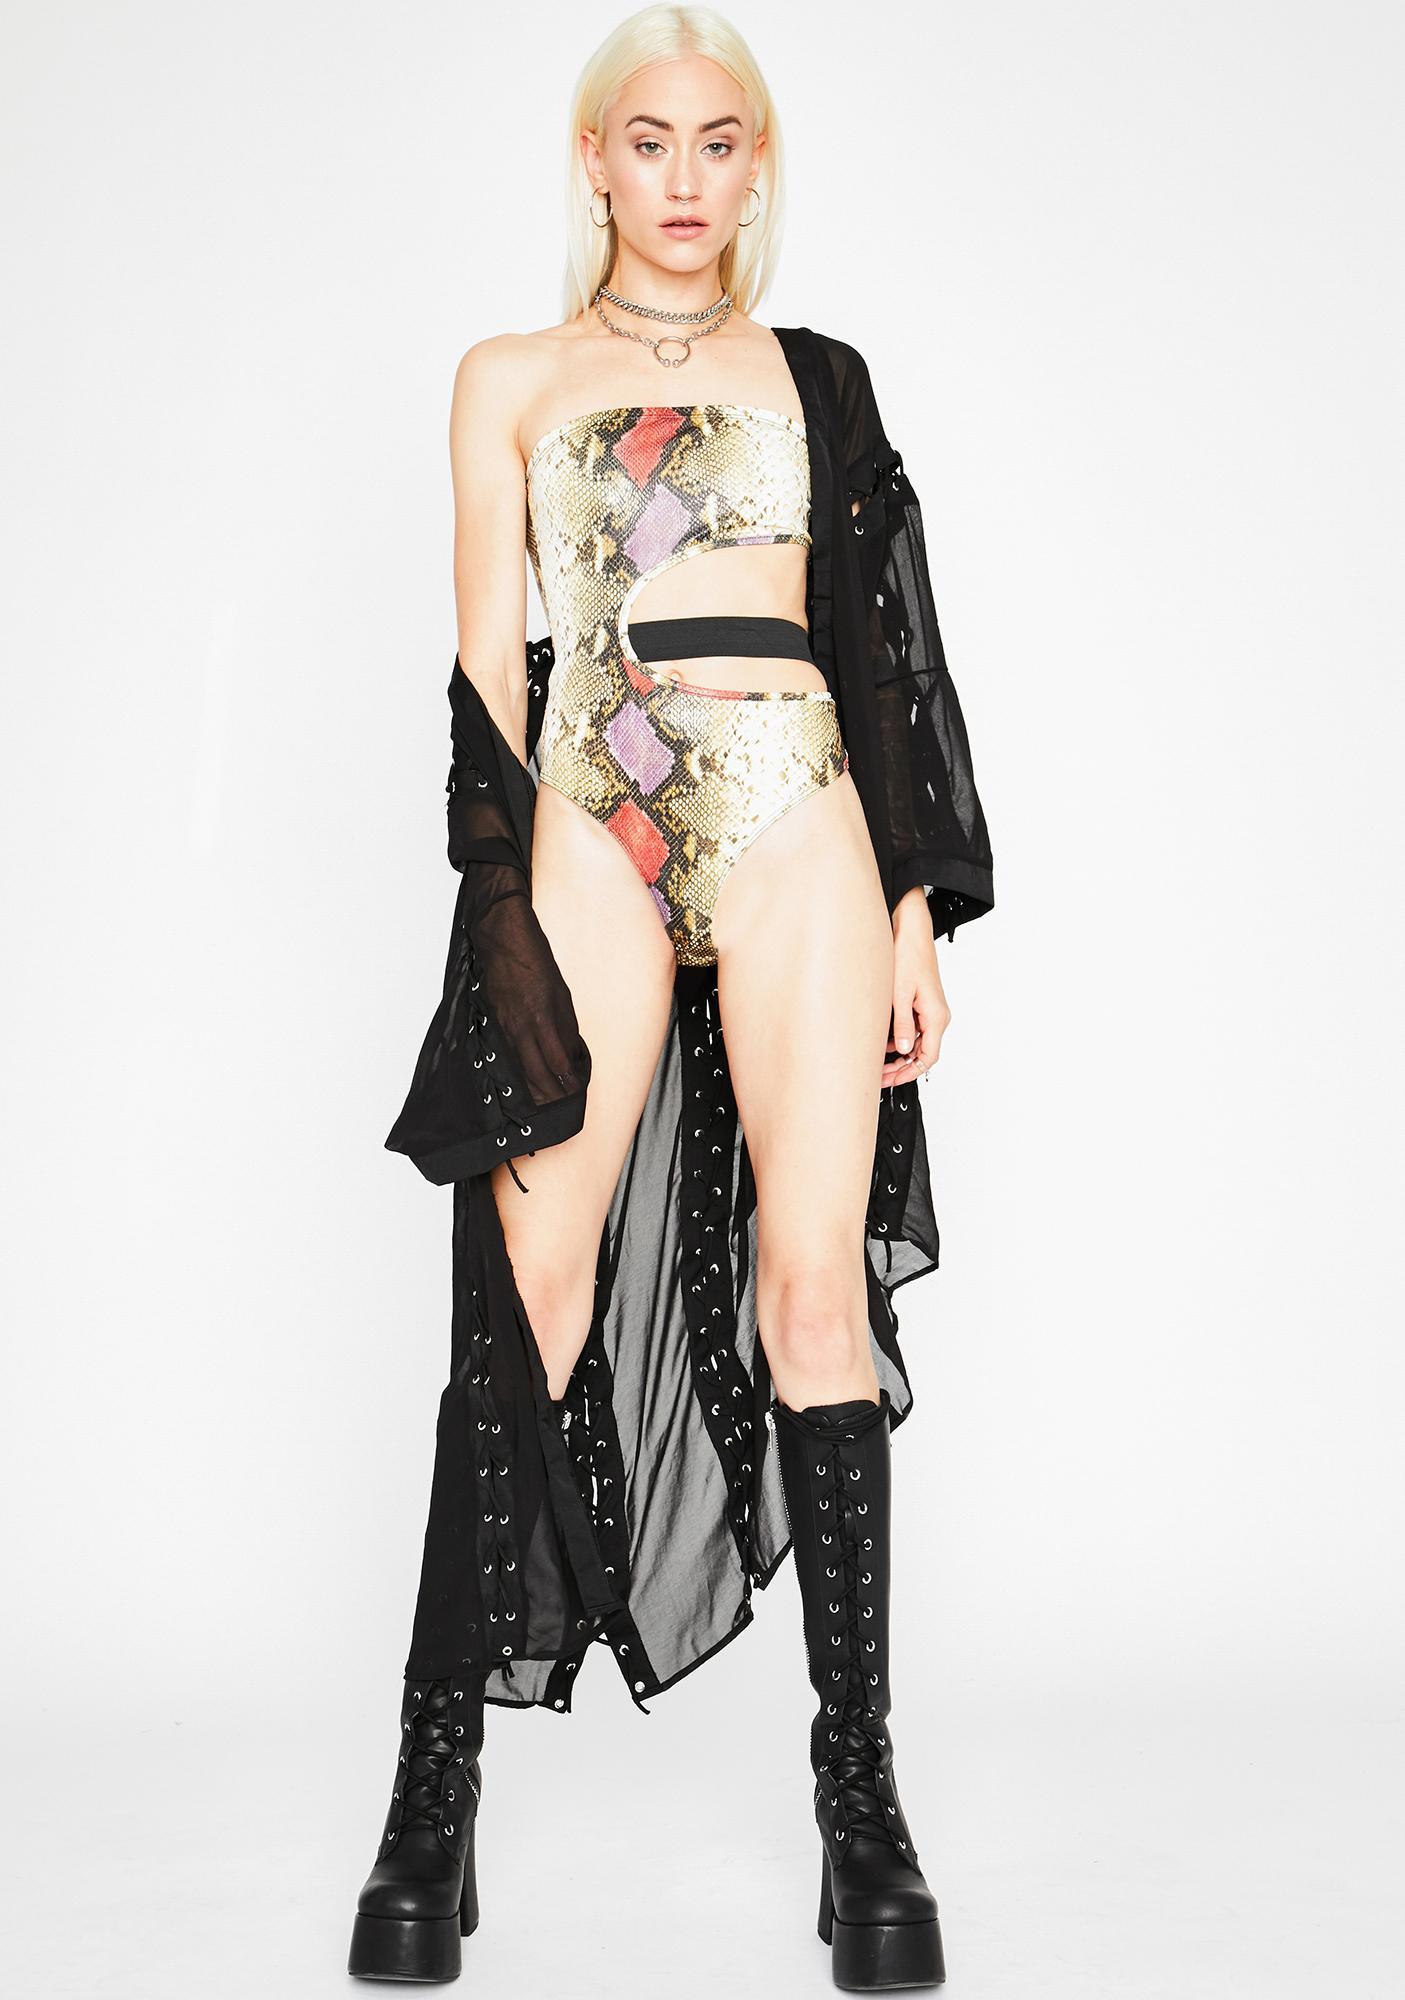 Wild Revenge Snakeskin Bodysuit